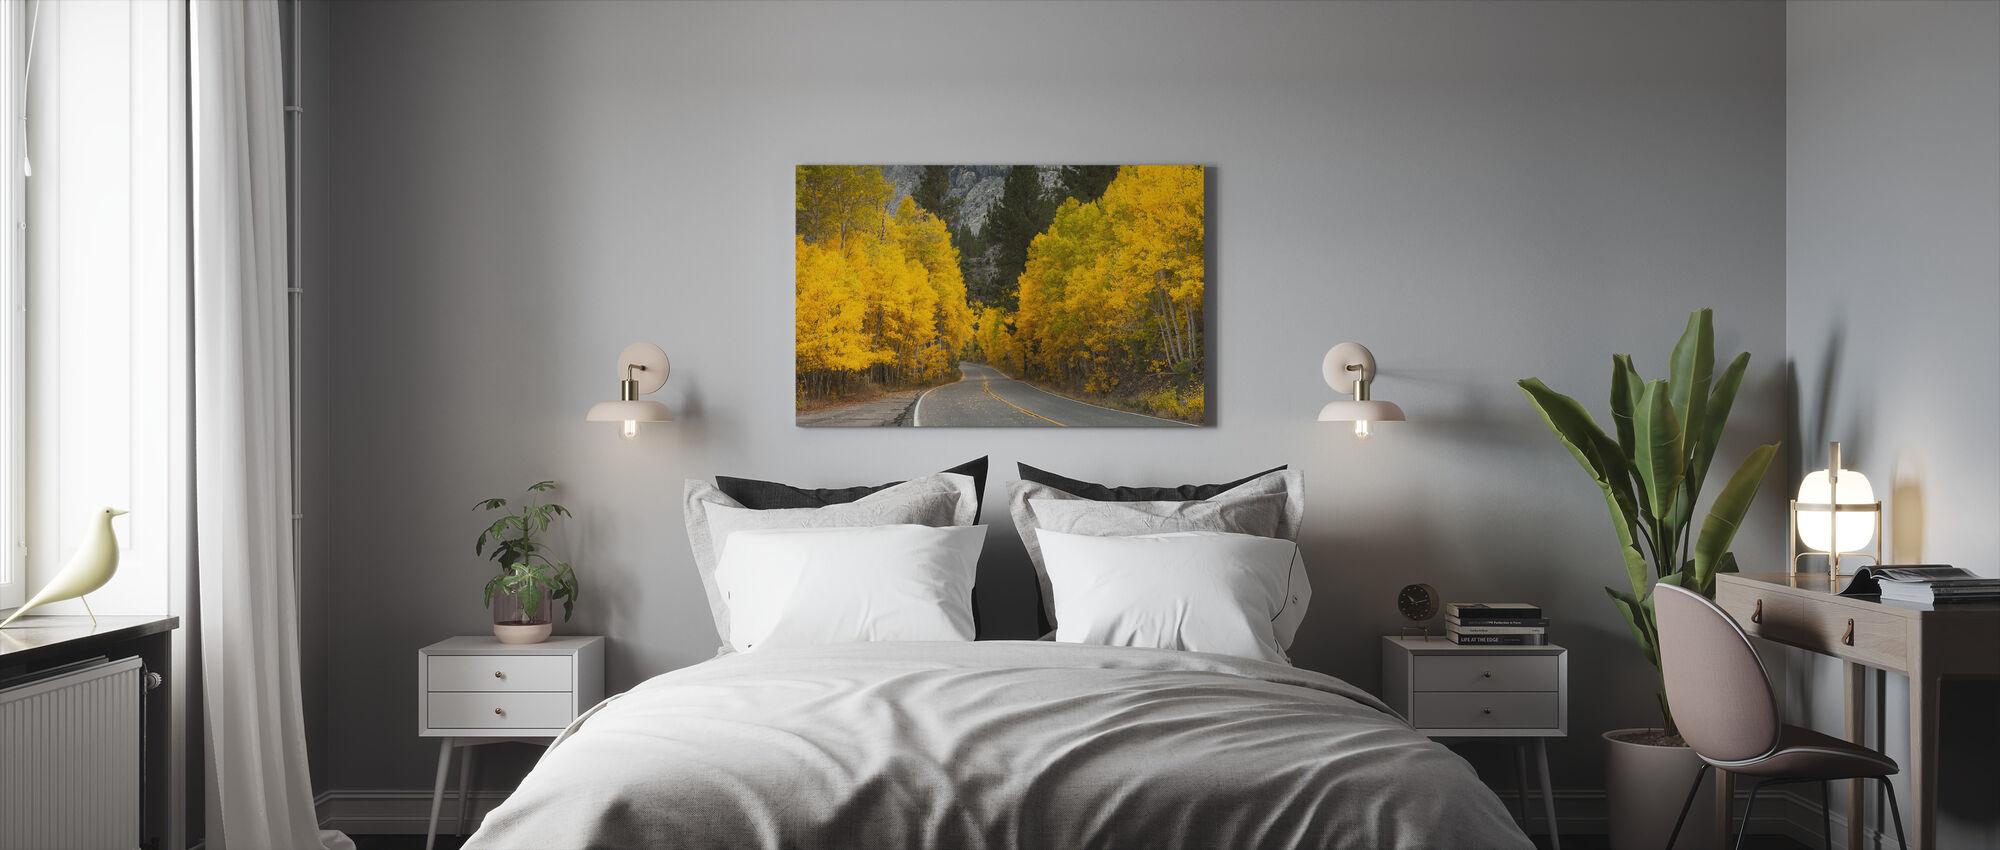 Østlige Sierra efterår landskab - Billede på lærred - Soveværelse